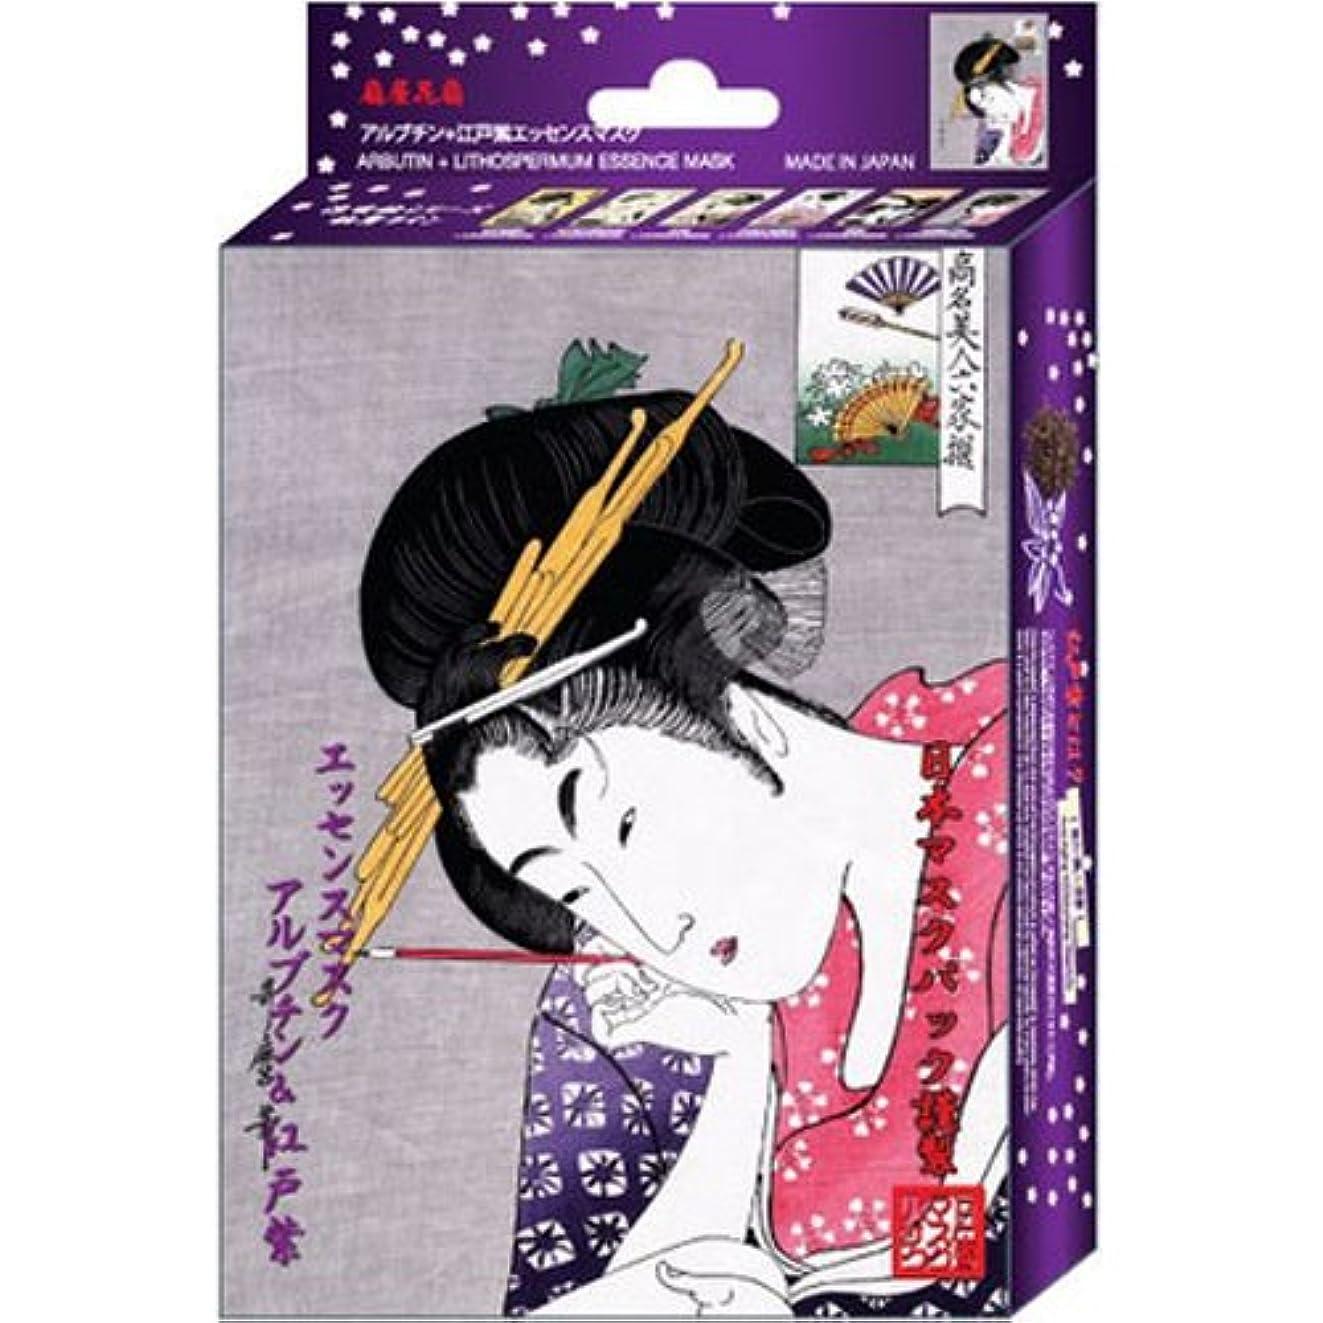 覚えている悪意護衛浮世絵シリーズ 歌麿ライン エッセンスマスク アルブチン+江戸紫 (10枚入)